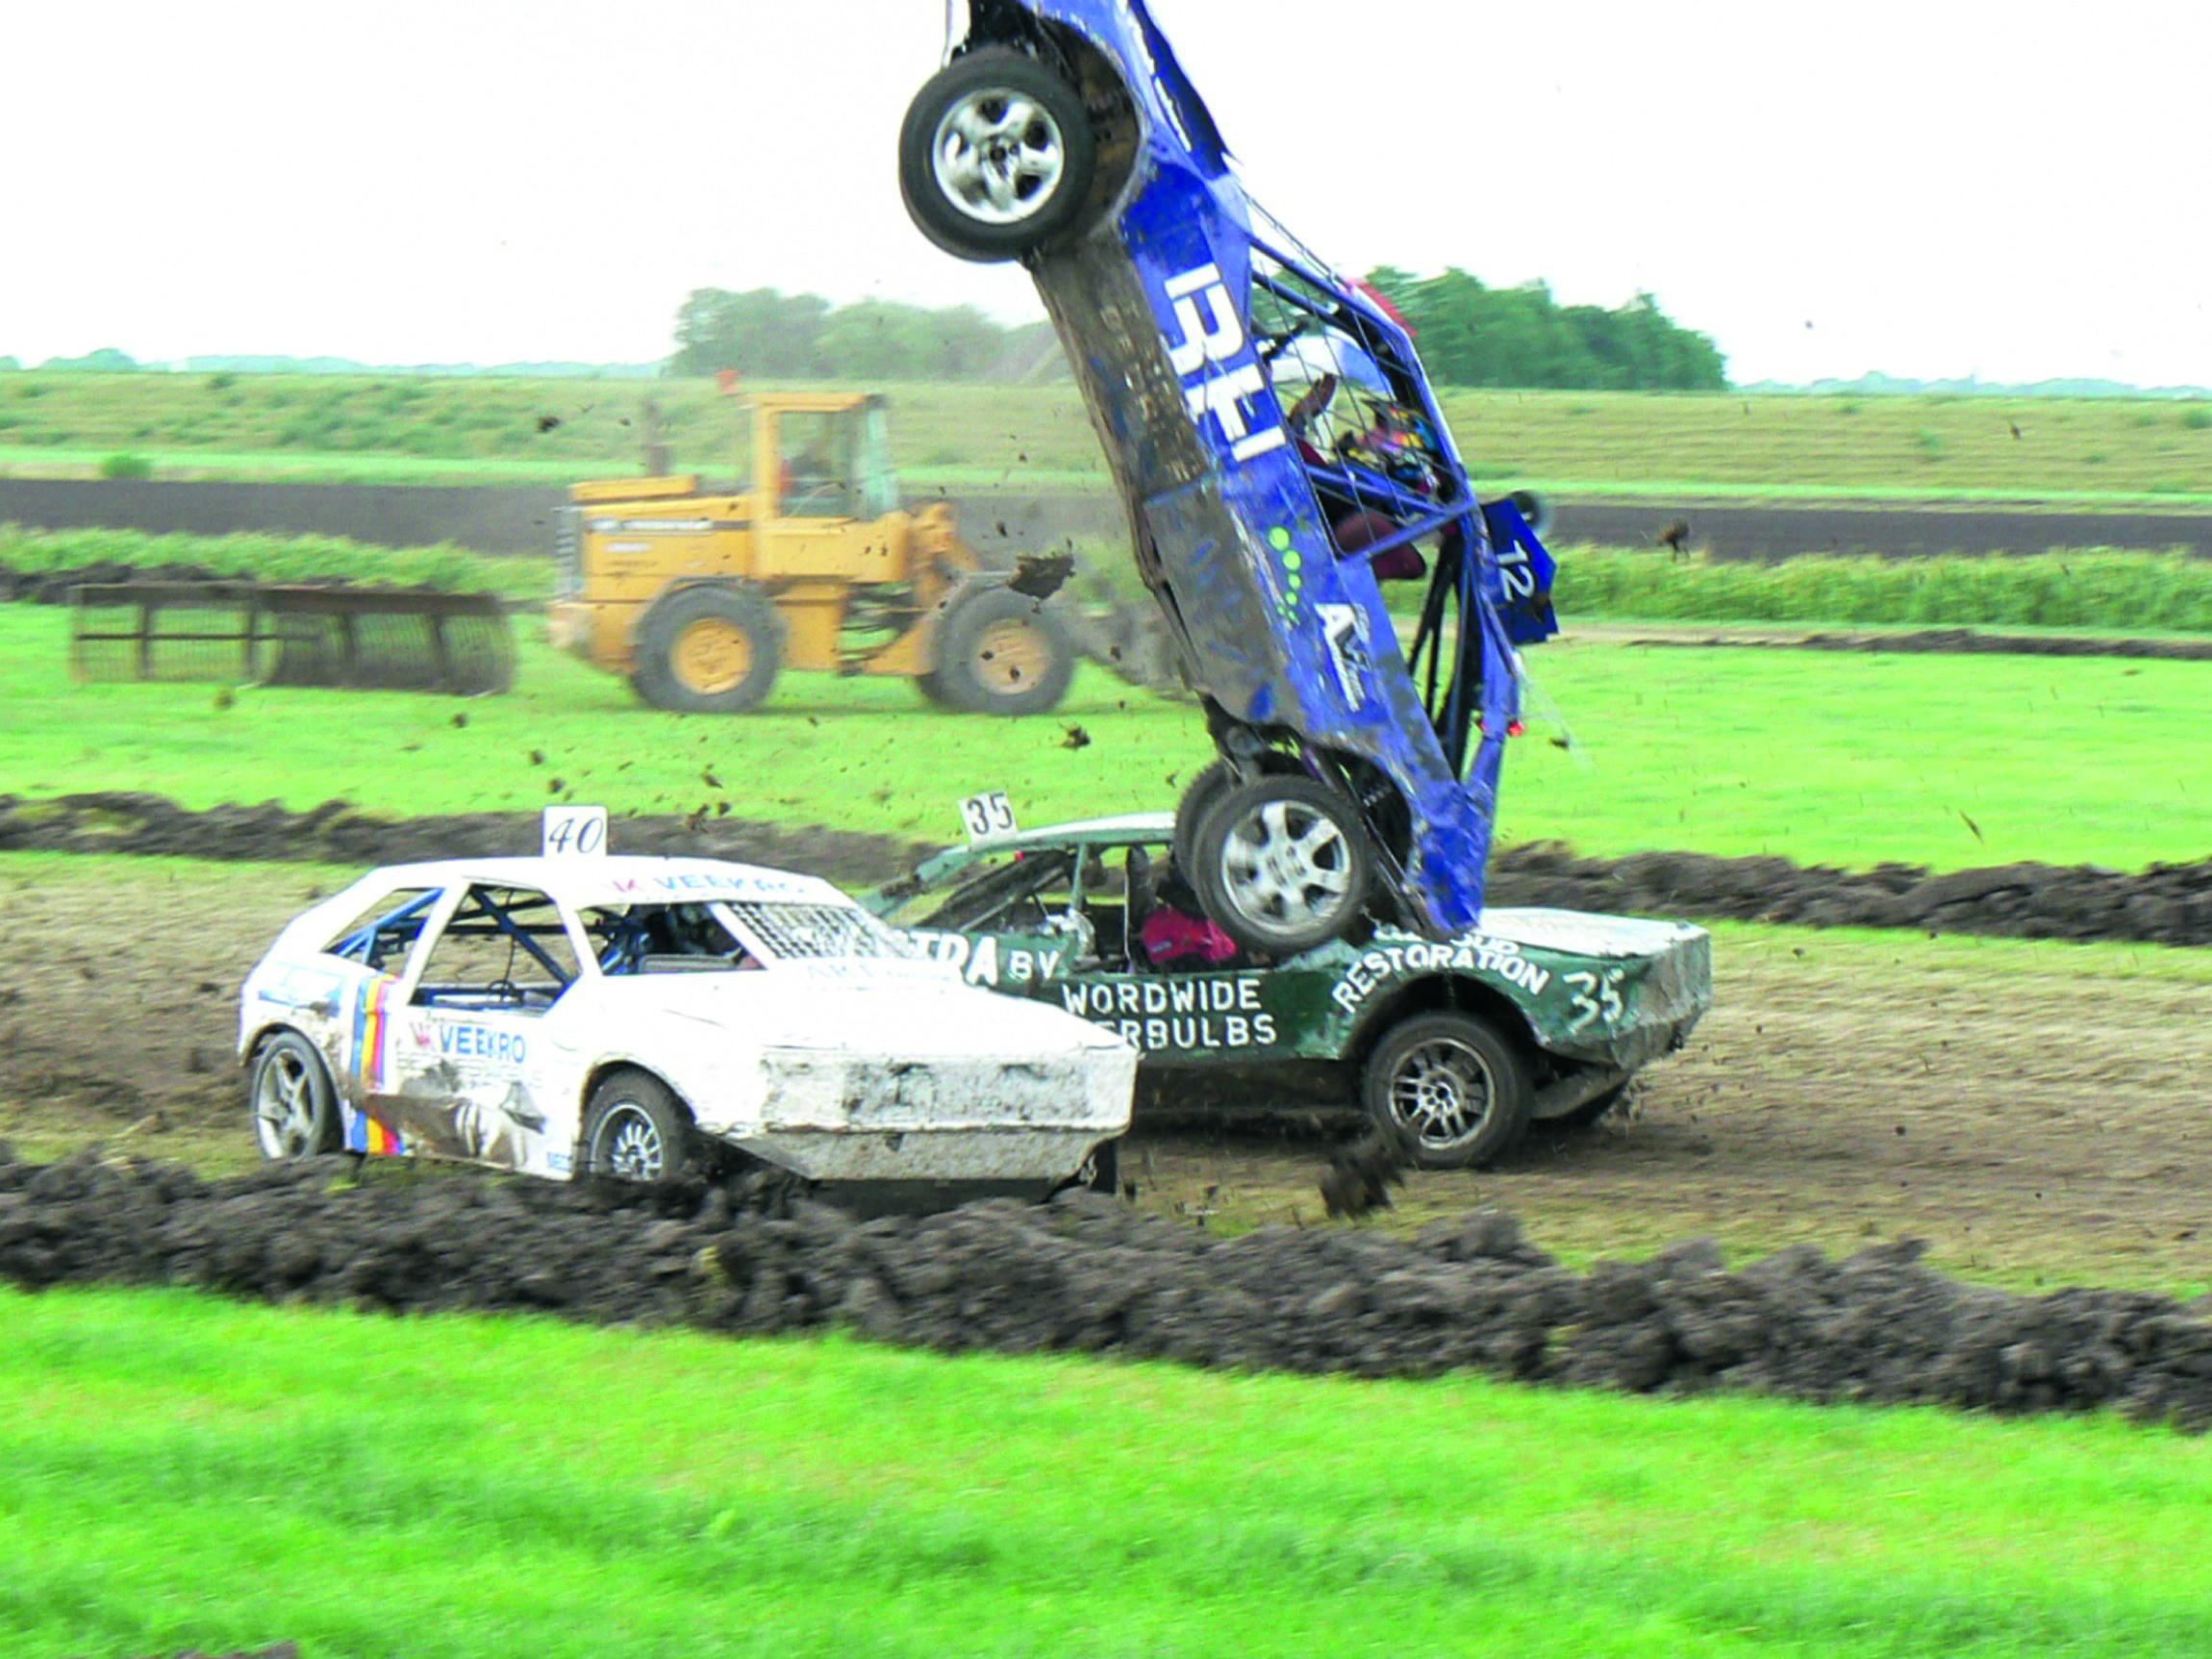 Spektakel is gegarandeerd bij de Crazy Autocross in Winkel. (aangeleverde foto)